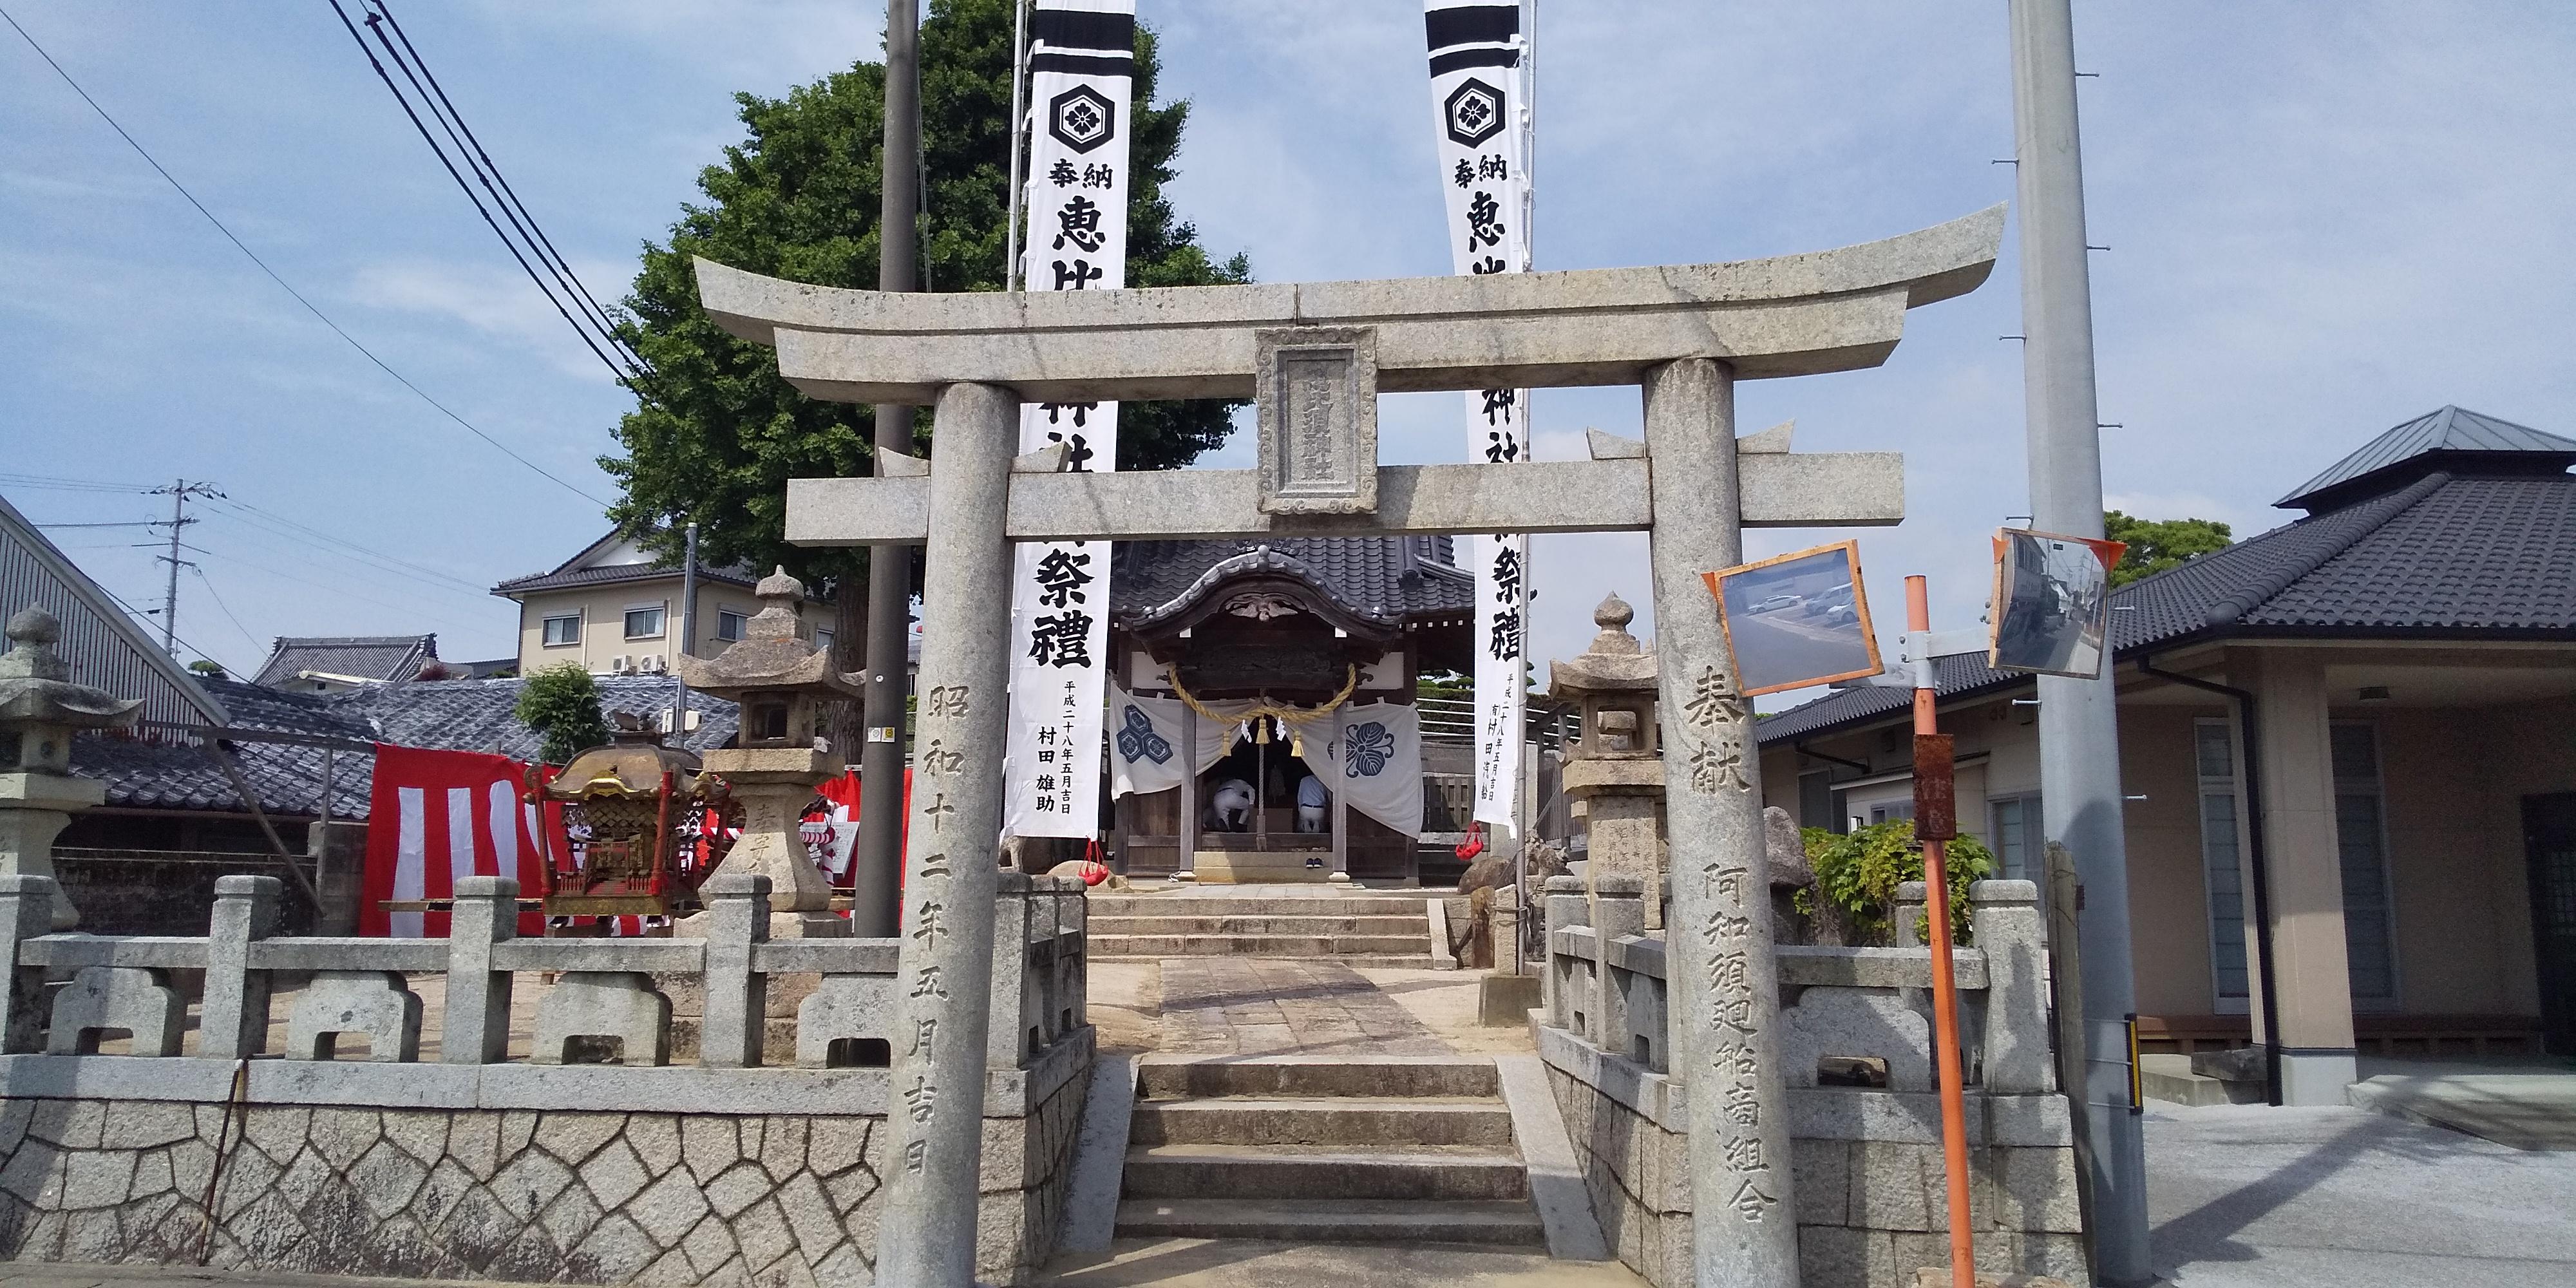 阿知須浦まつり 十七夜祭